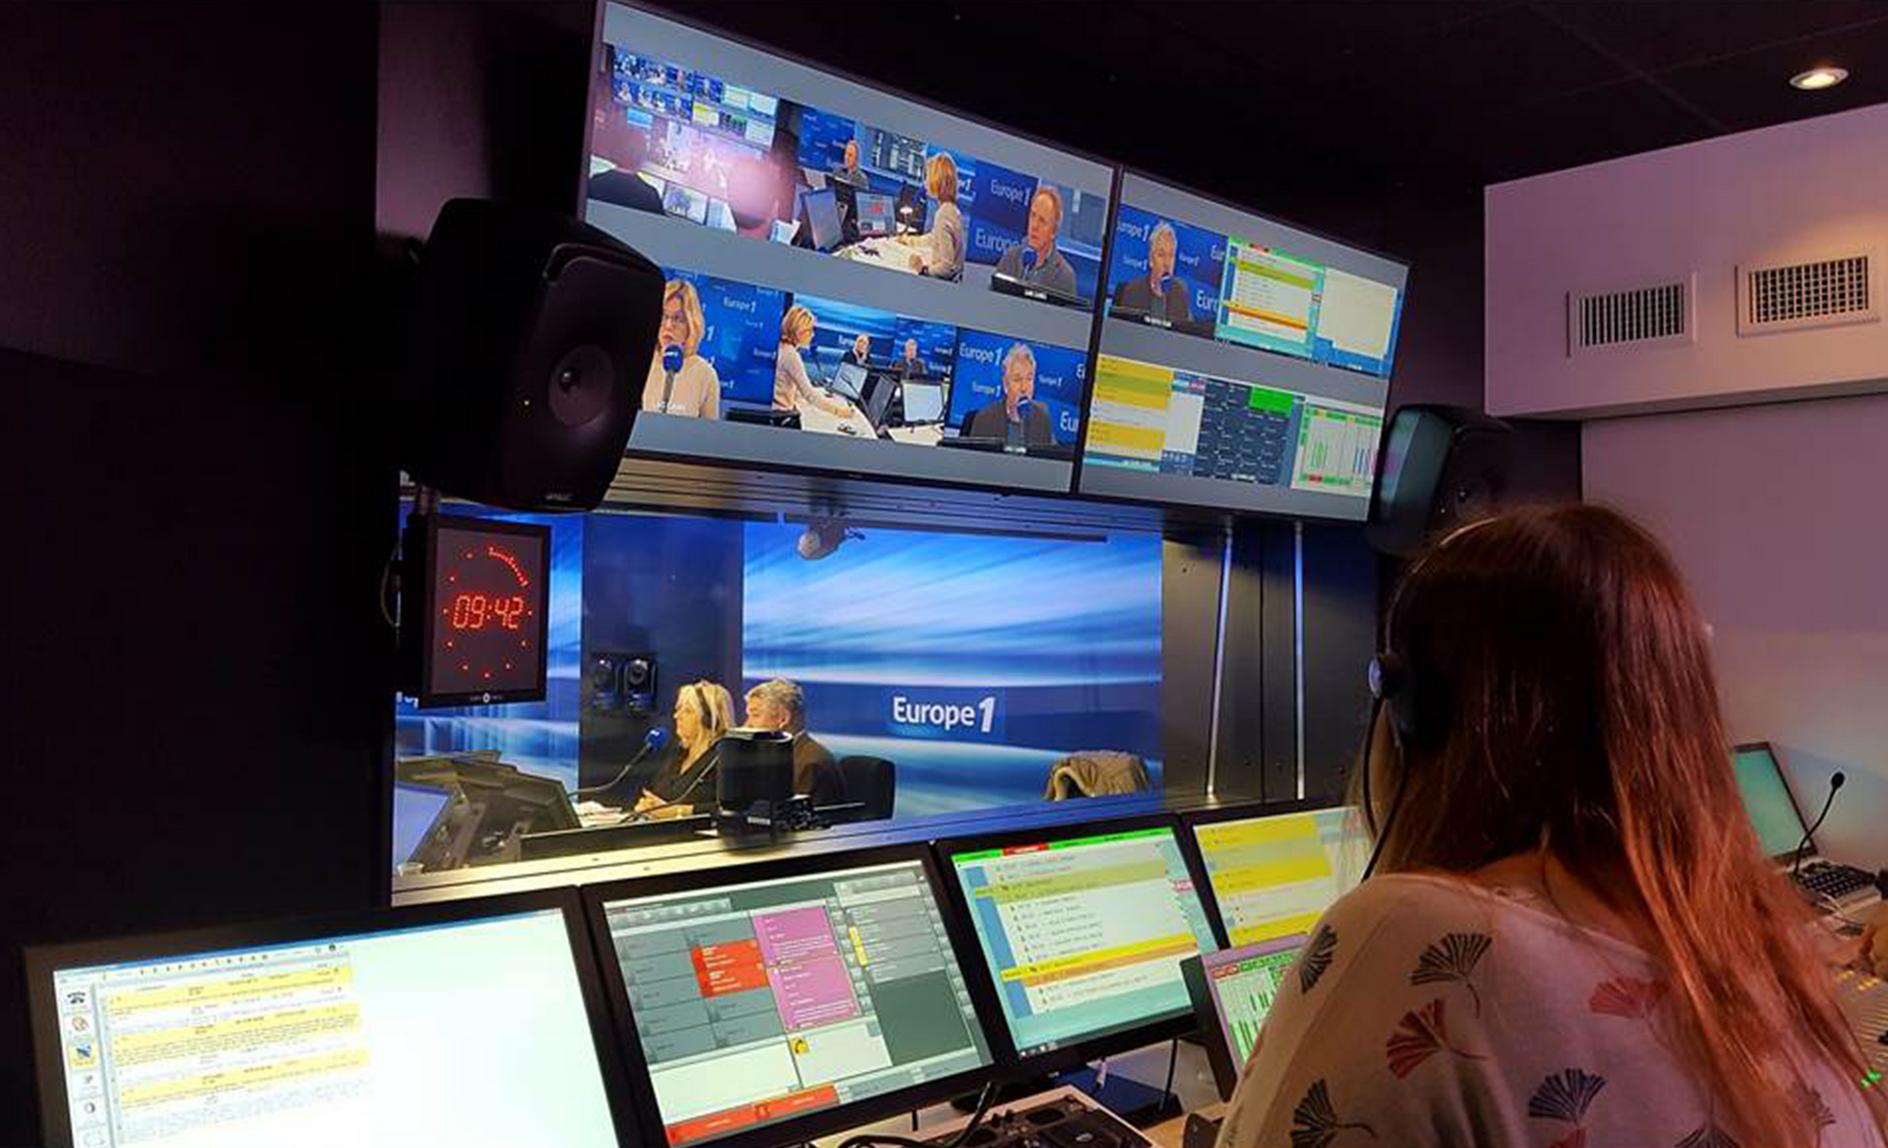 Utilisation de Broadcast Bionics, gestion des codecs et des appels, dans le studio Lagardère d'Europe 1, lors de l'inauguration du studio en novembre 2018. Photo : Philippe Delépine.